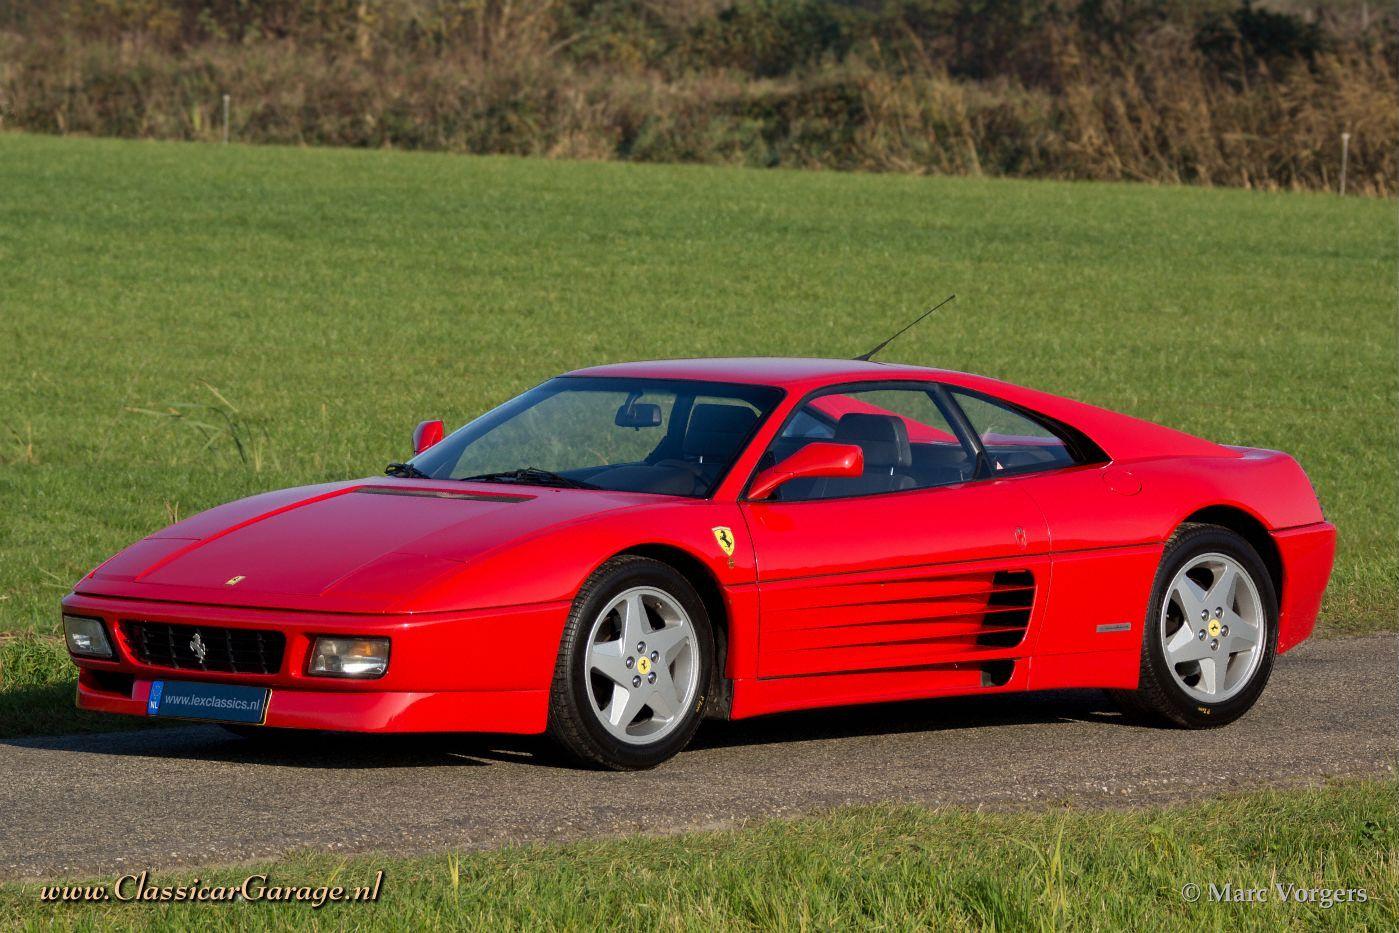 Ferrari 348 voitures sp cifications techniques et la